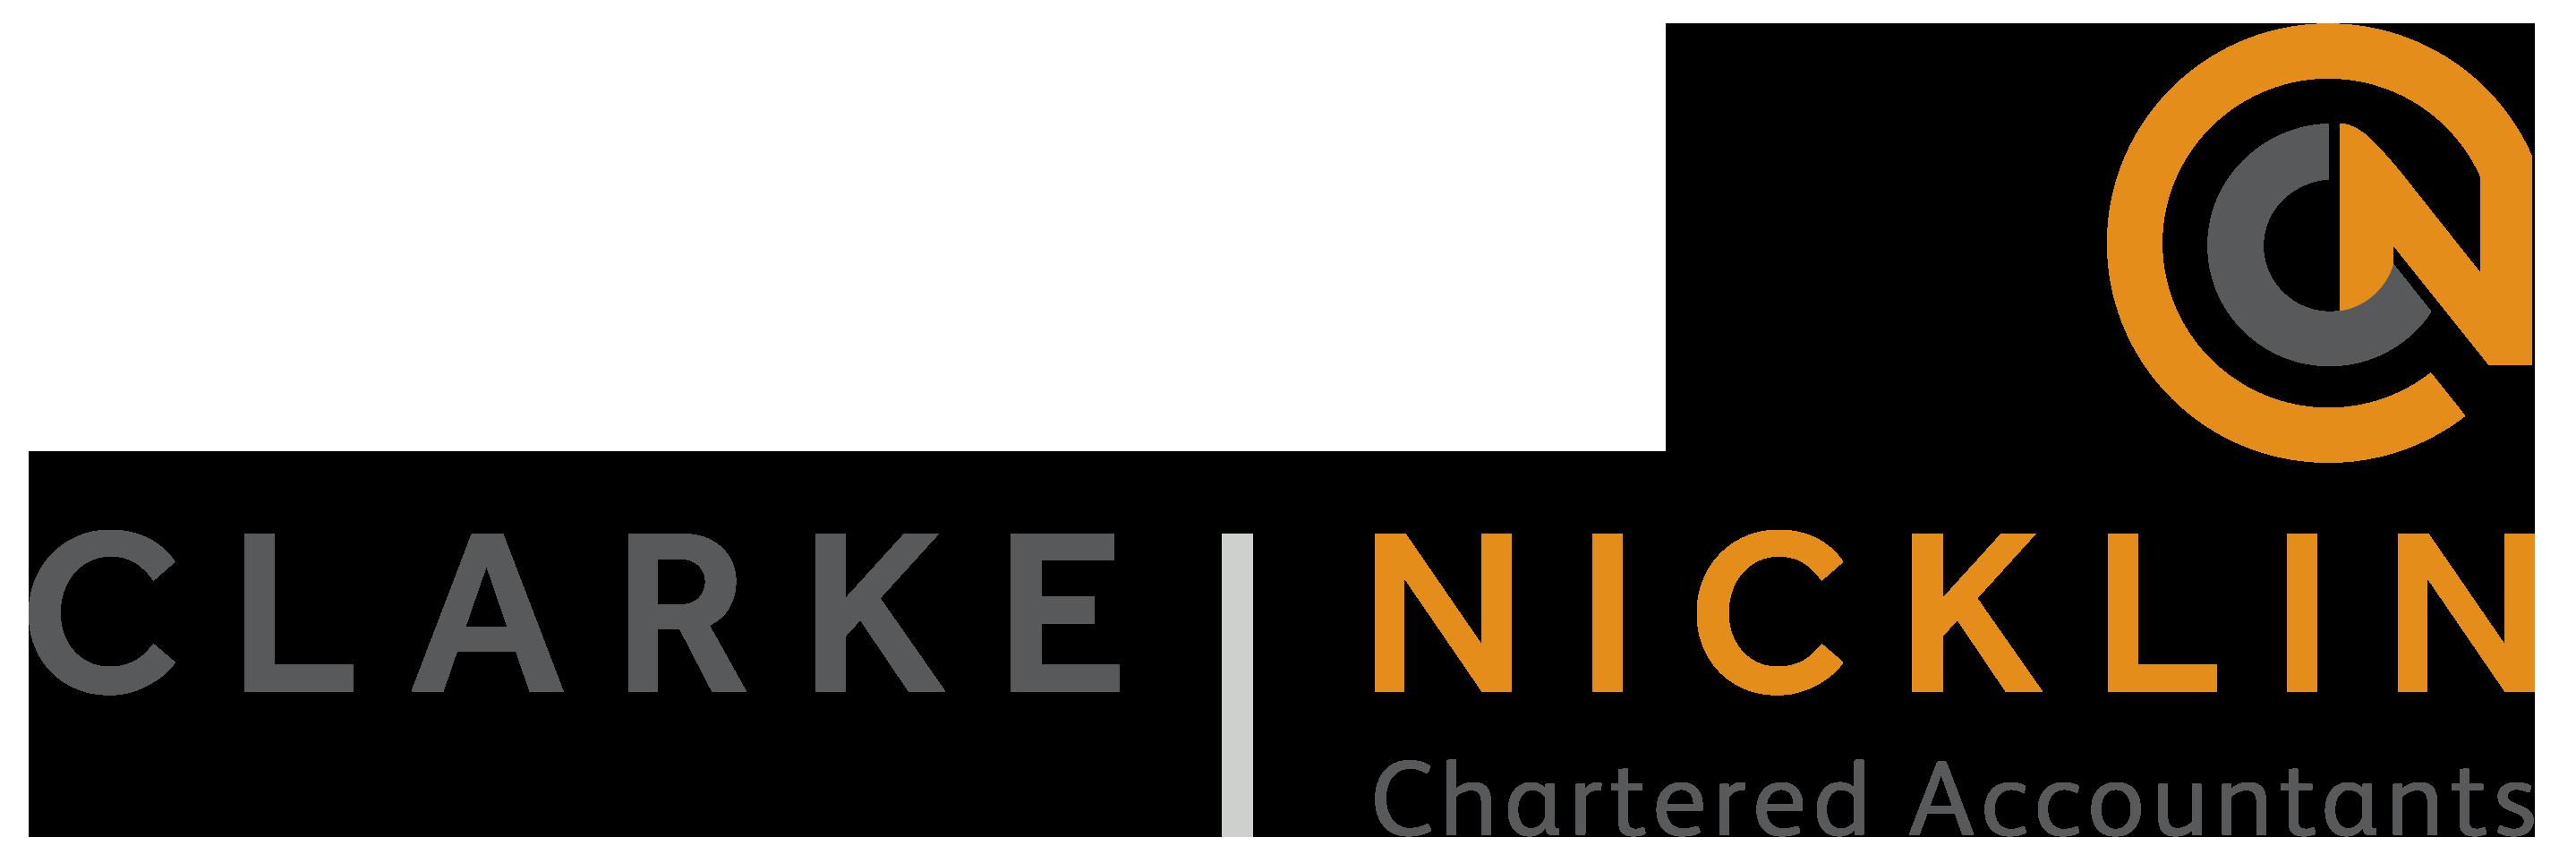 Clarke Nicklin Logo